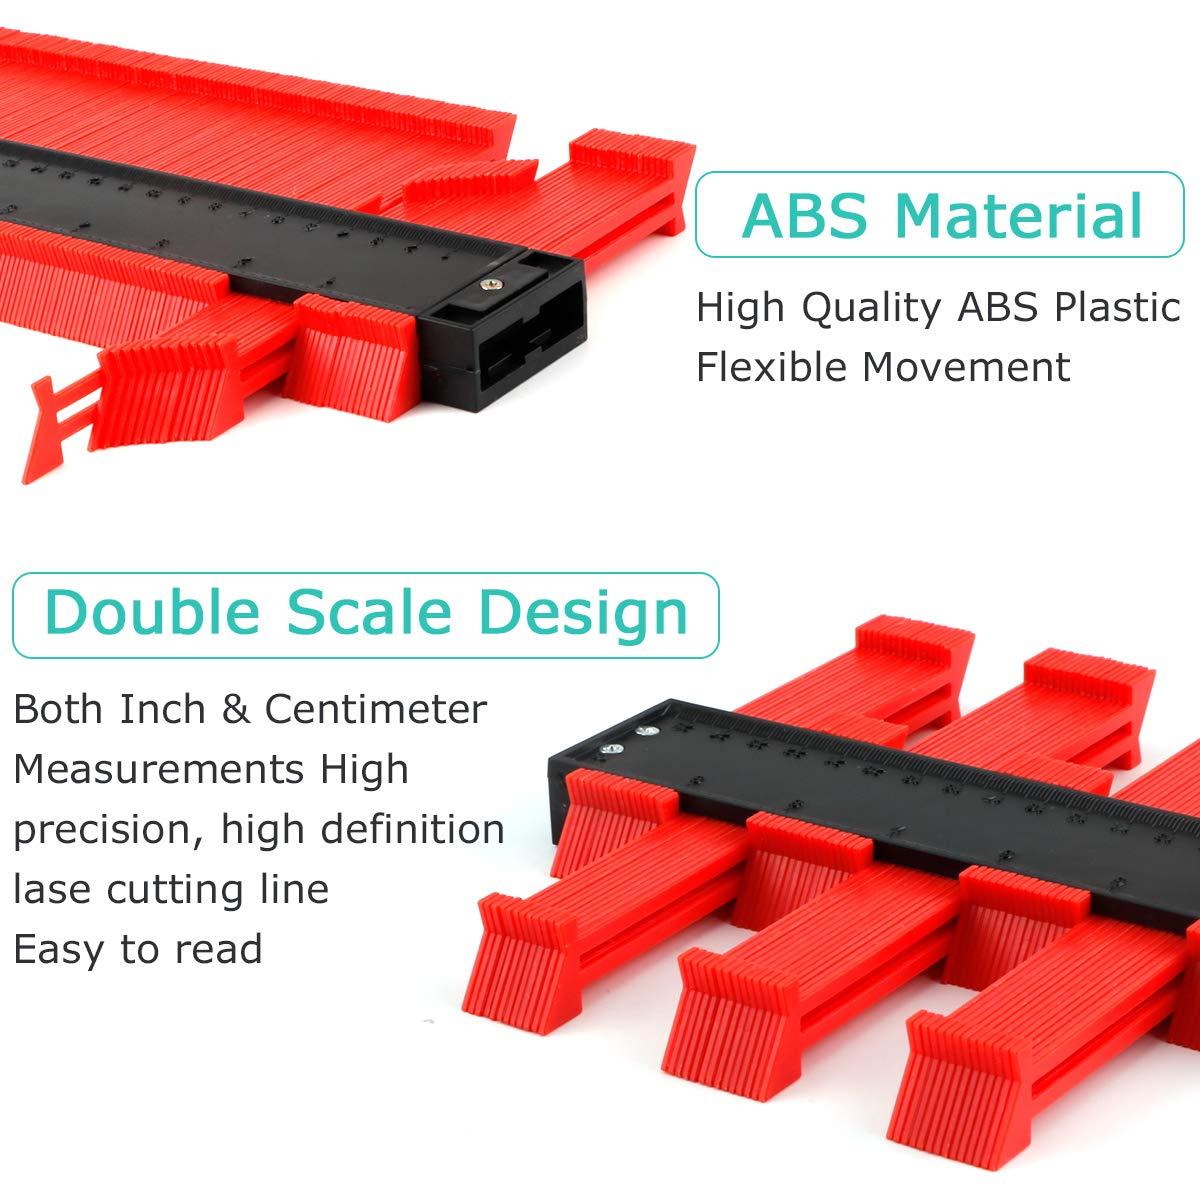 Makerfire Medidor de contorno de plástico calibre de perfil de 10 pulgadas regla de medición duplicador de contorno para medición precisa herramienta de marcado de madera laminada-Rojo: Amazon.es: Bricolaje y herramientas